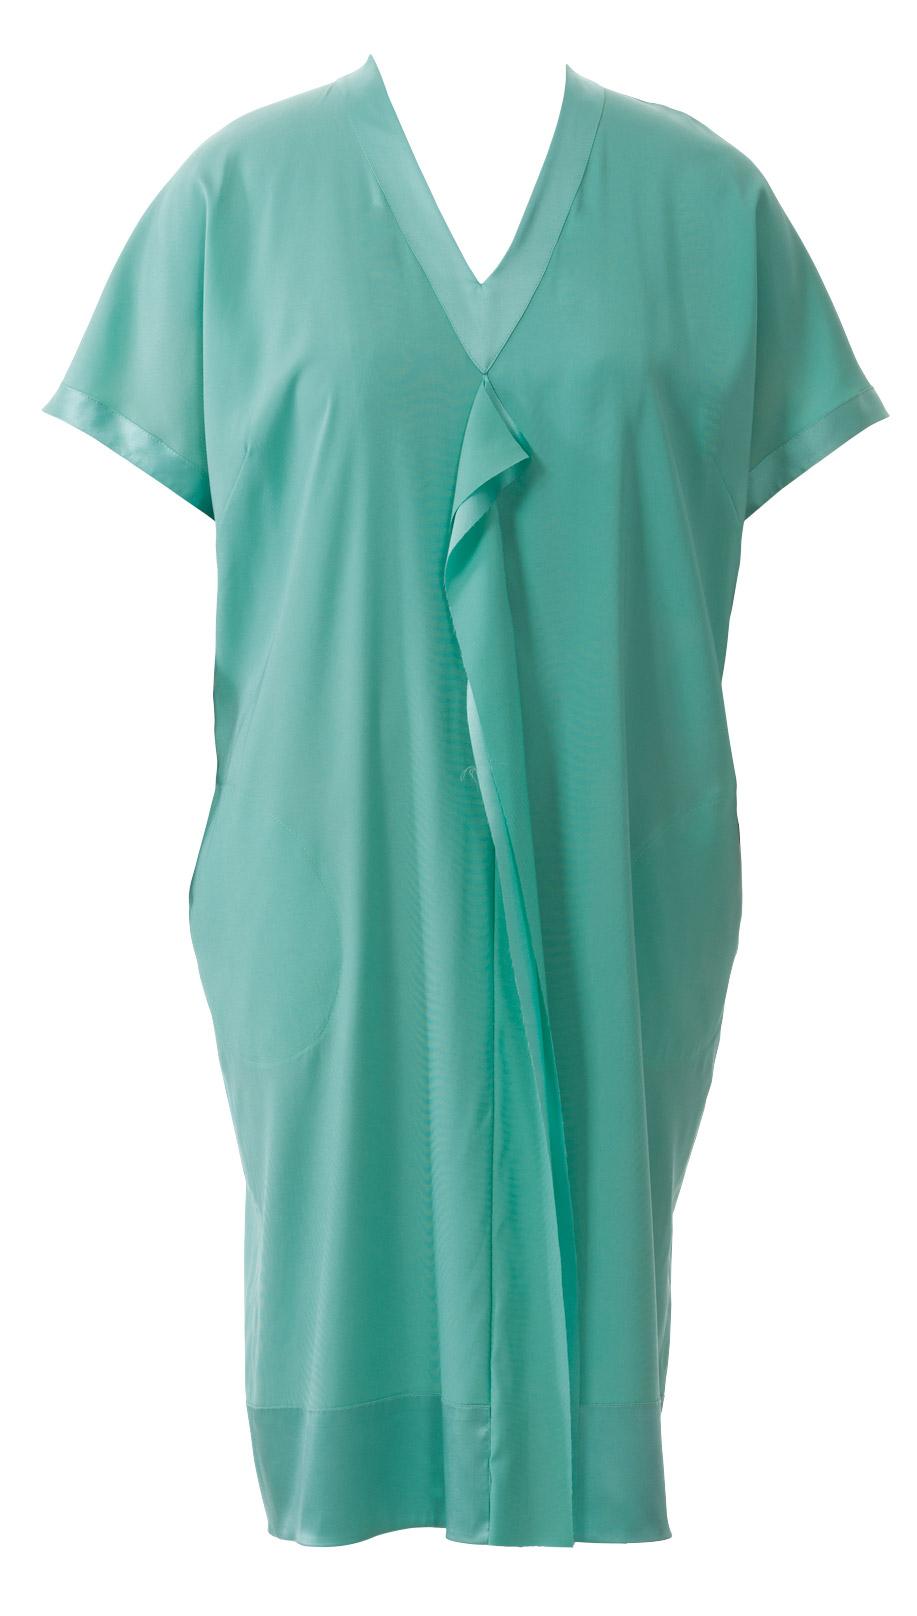 В образный вырез на платье как сшить